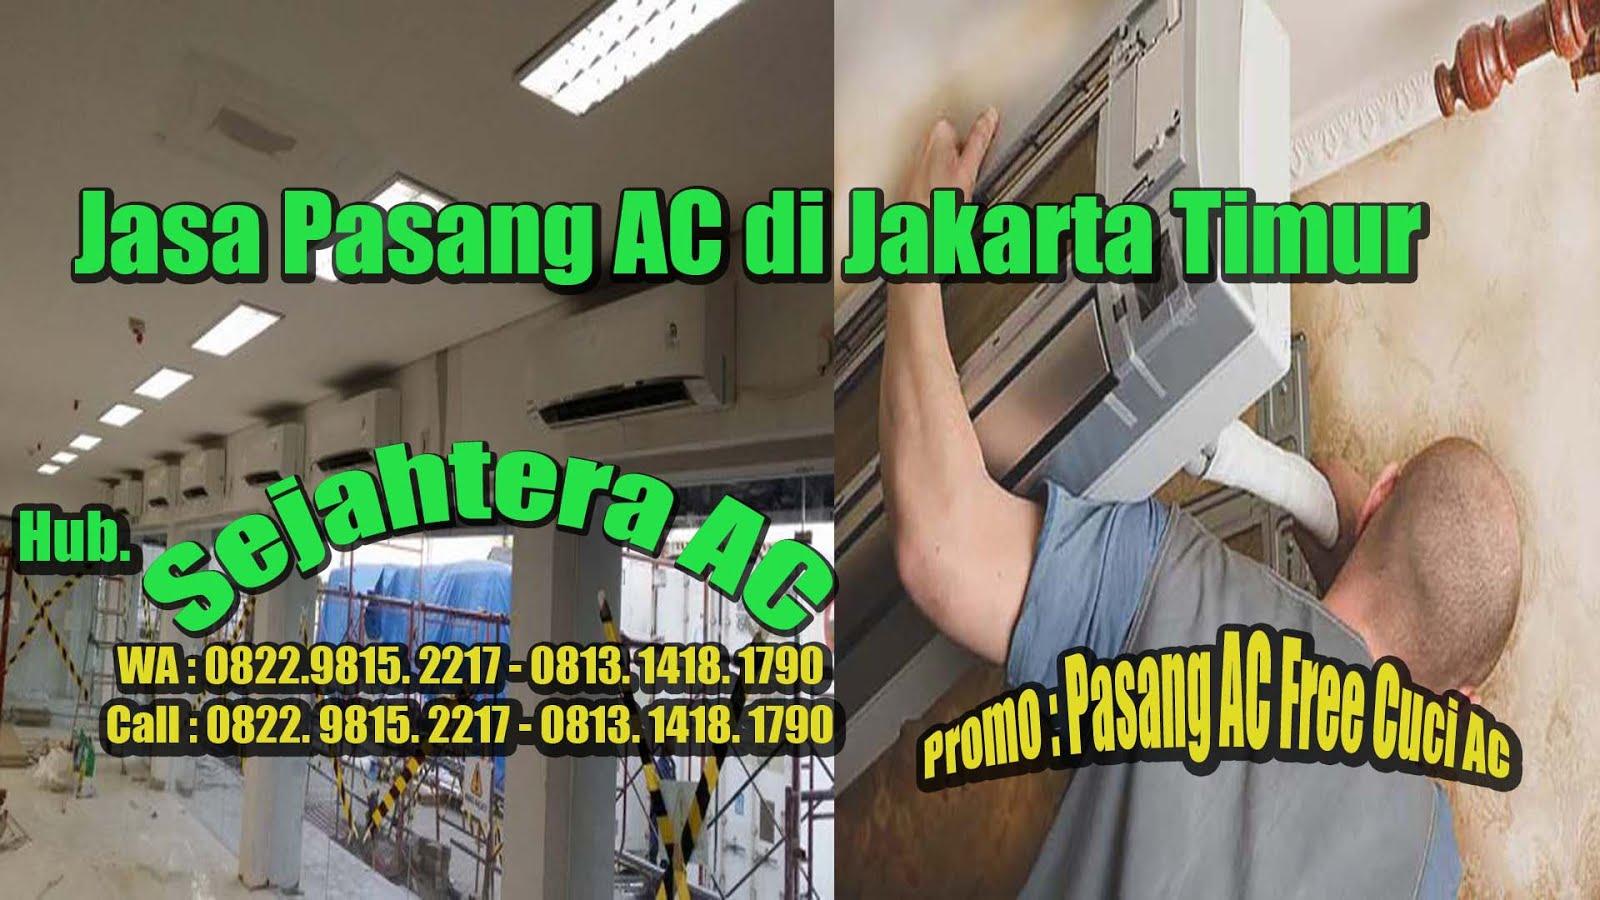 Jasa Pasang AC Di Jakarta Timur